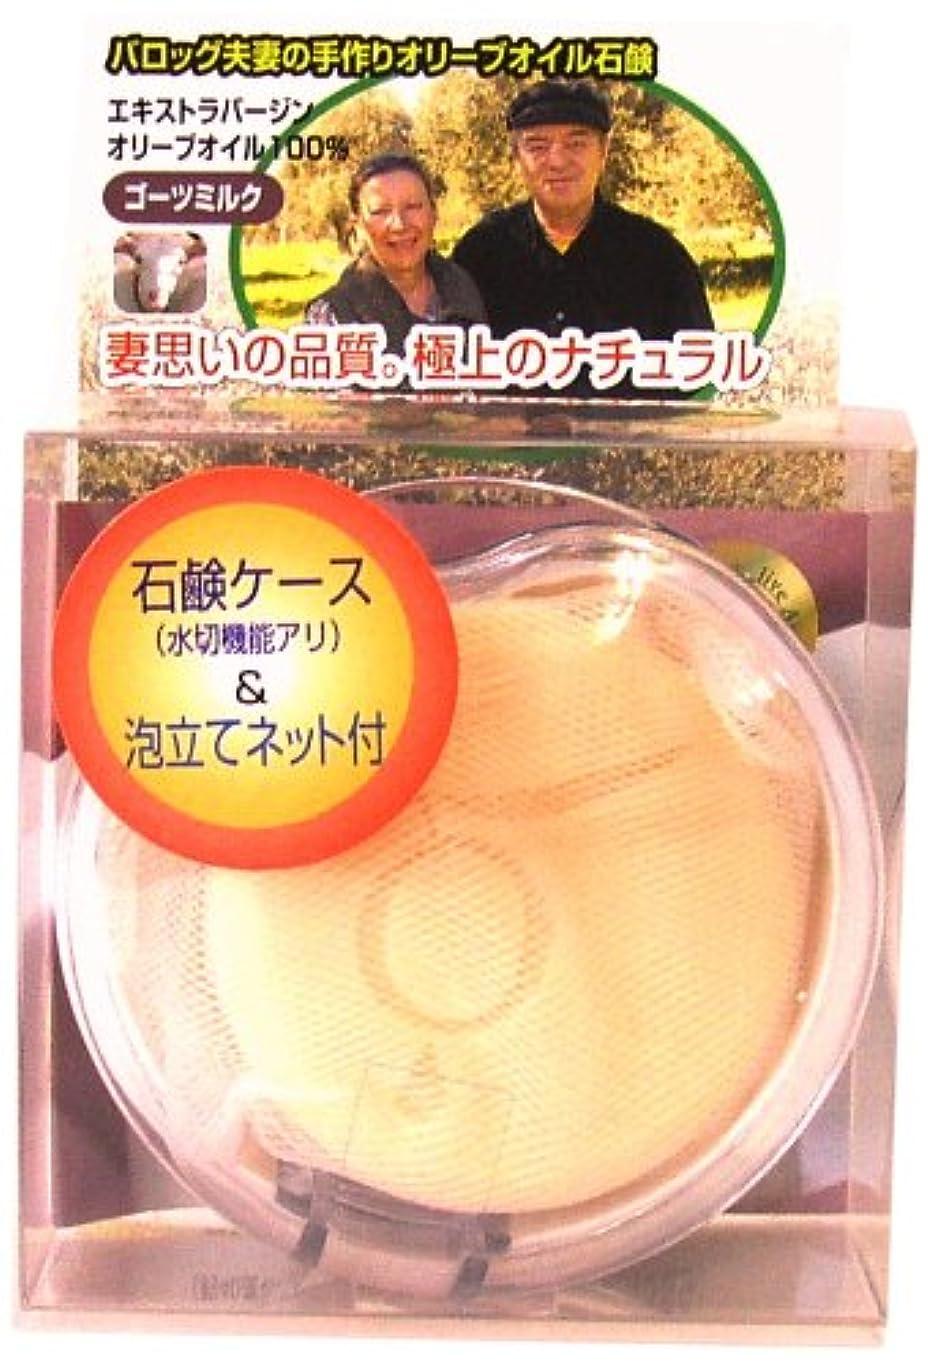 ぐったりリング民族主義バロッグ夫婦の手作りオリーブオイル石鹸 ミニ石鹸ケース付(ゴーツミルク) 20g